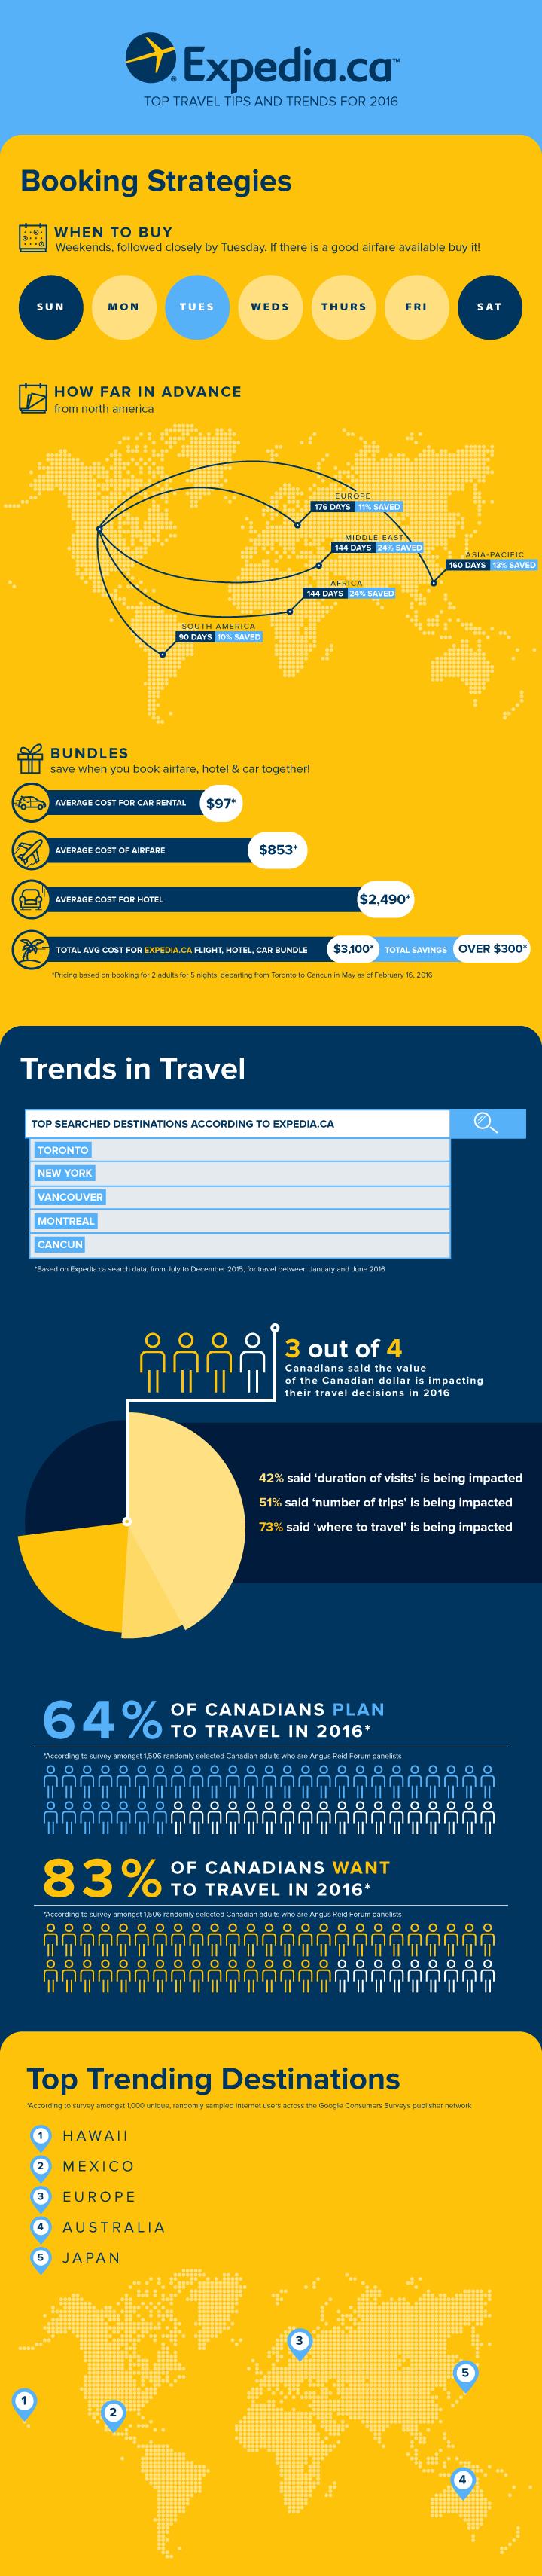 Expedia_Infographic